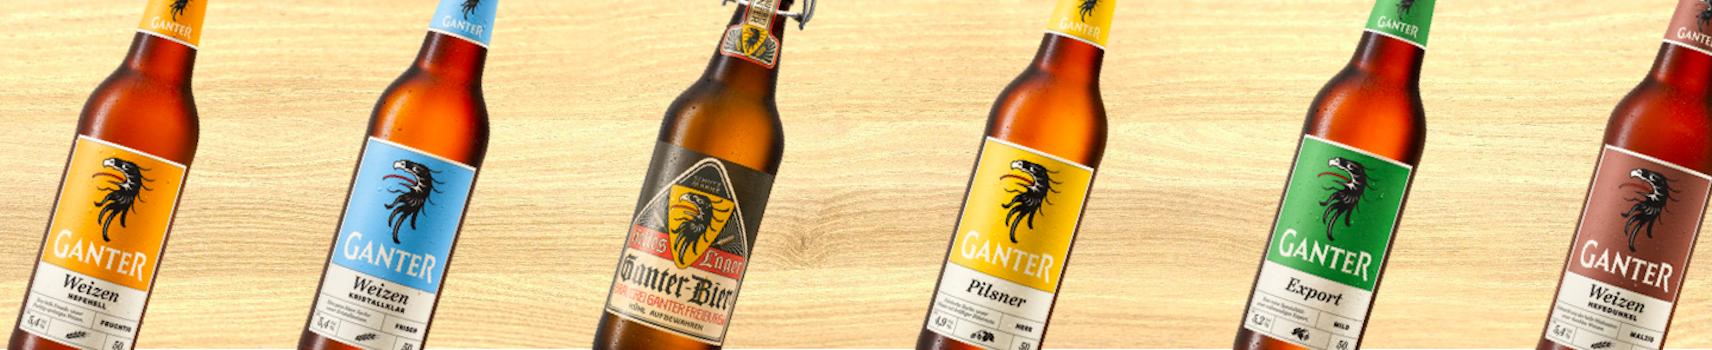 Bières blondes allemandes